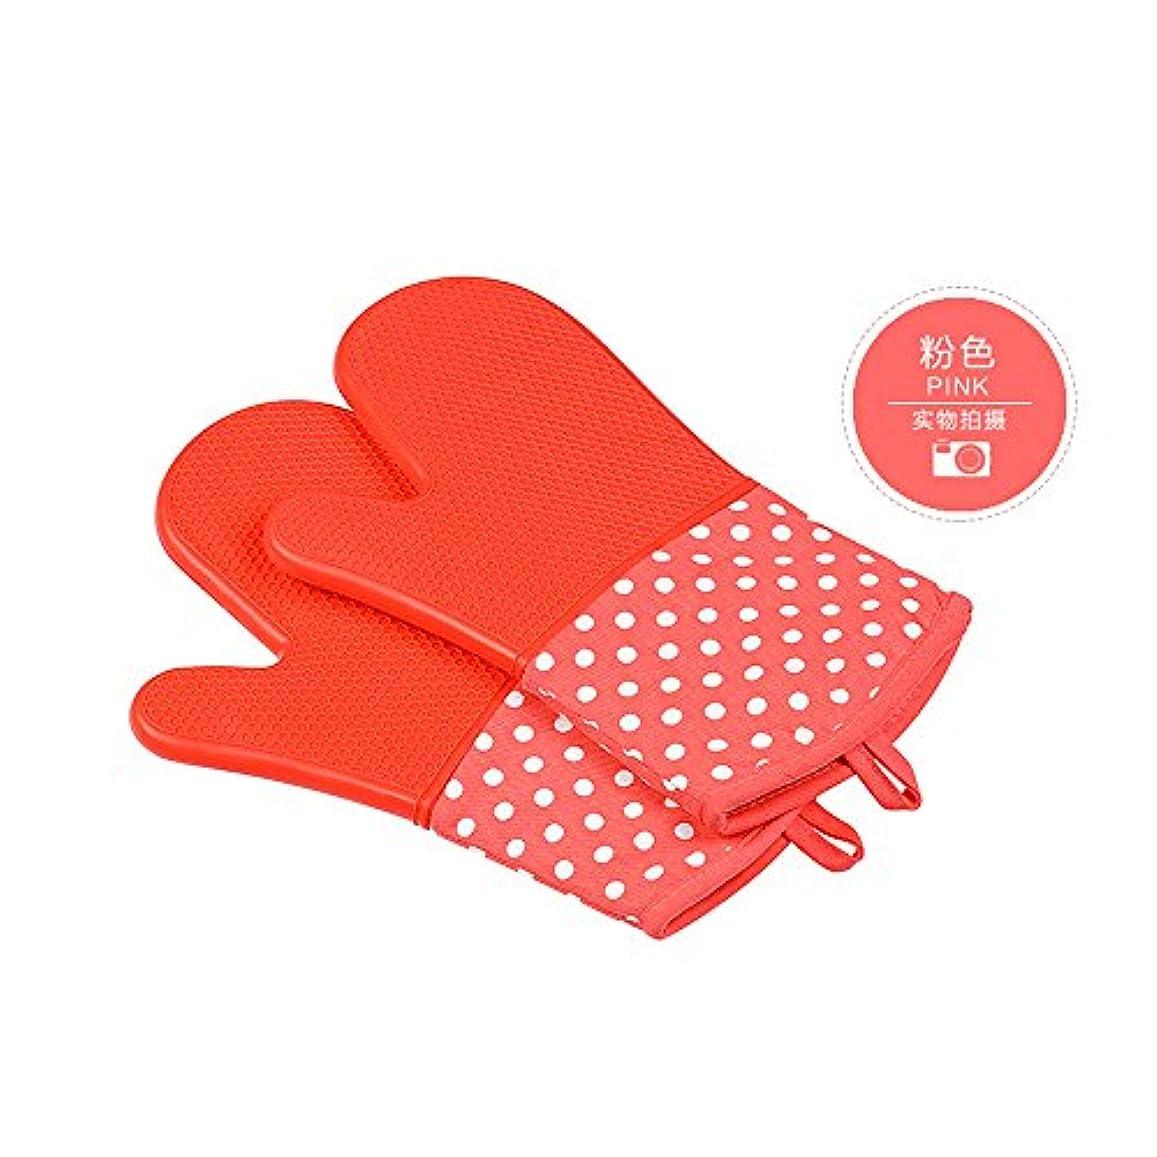 人口メトリックプレゼンターJOOP【2個セット】【シリコンベーキング手袋】【バーベキュー手袋】【キッチン電子レンジの手袋】【オーブン断熱手袋】【300の加熱温度極値】【7色】 (ピンク)